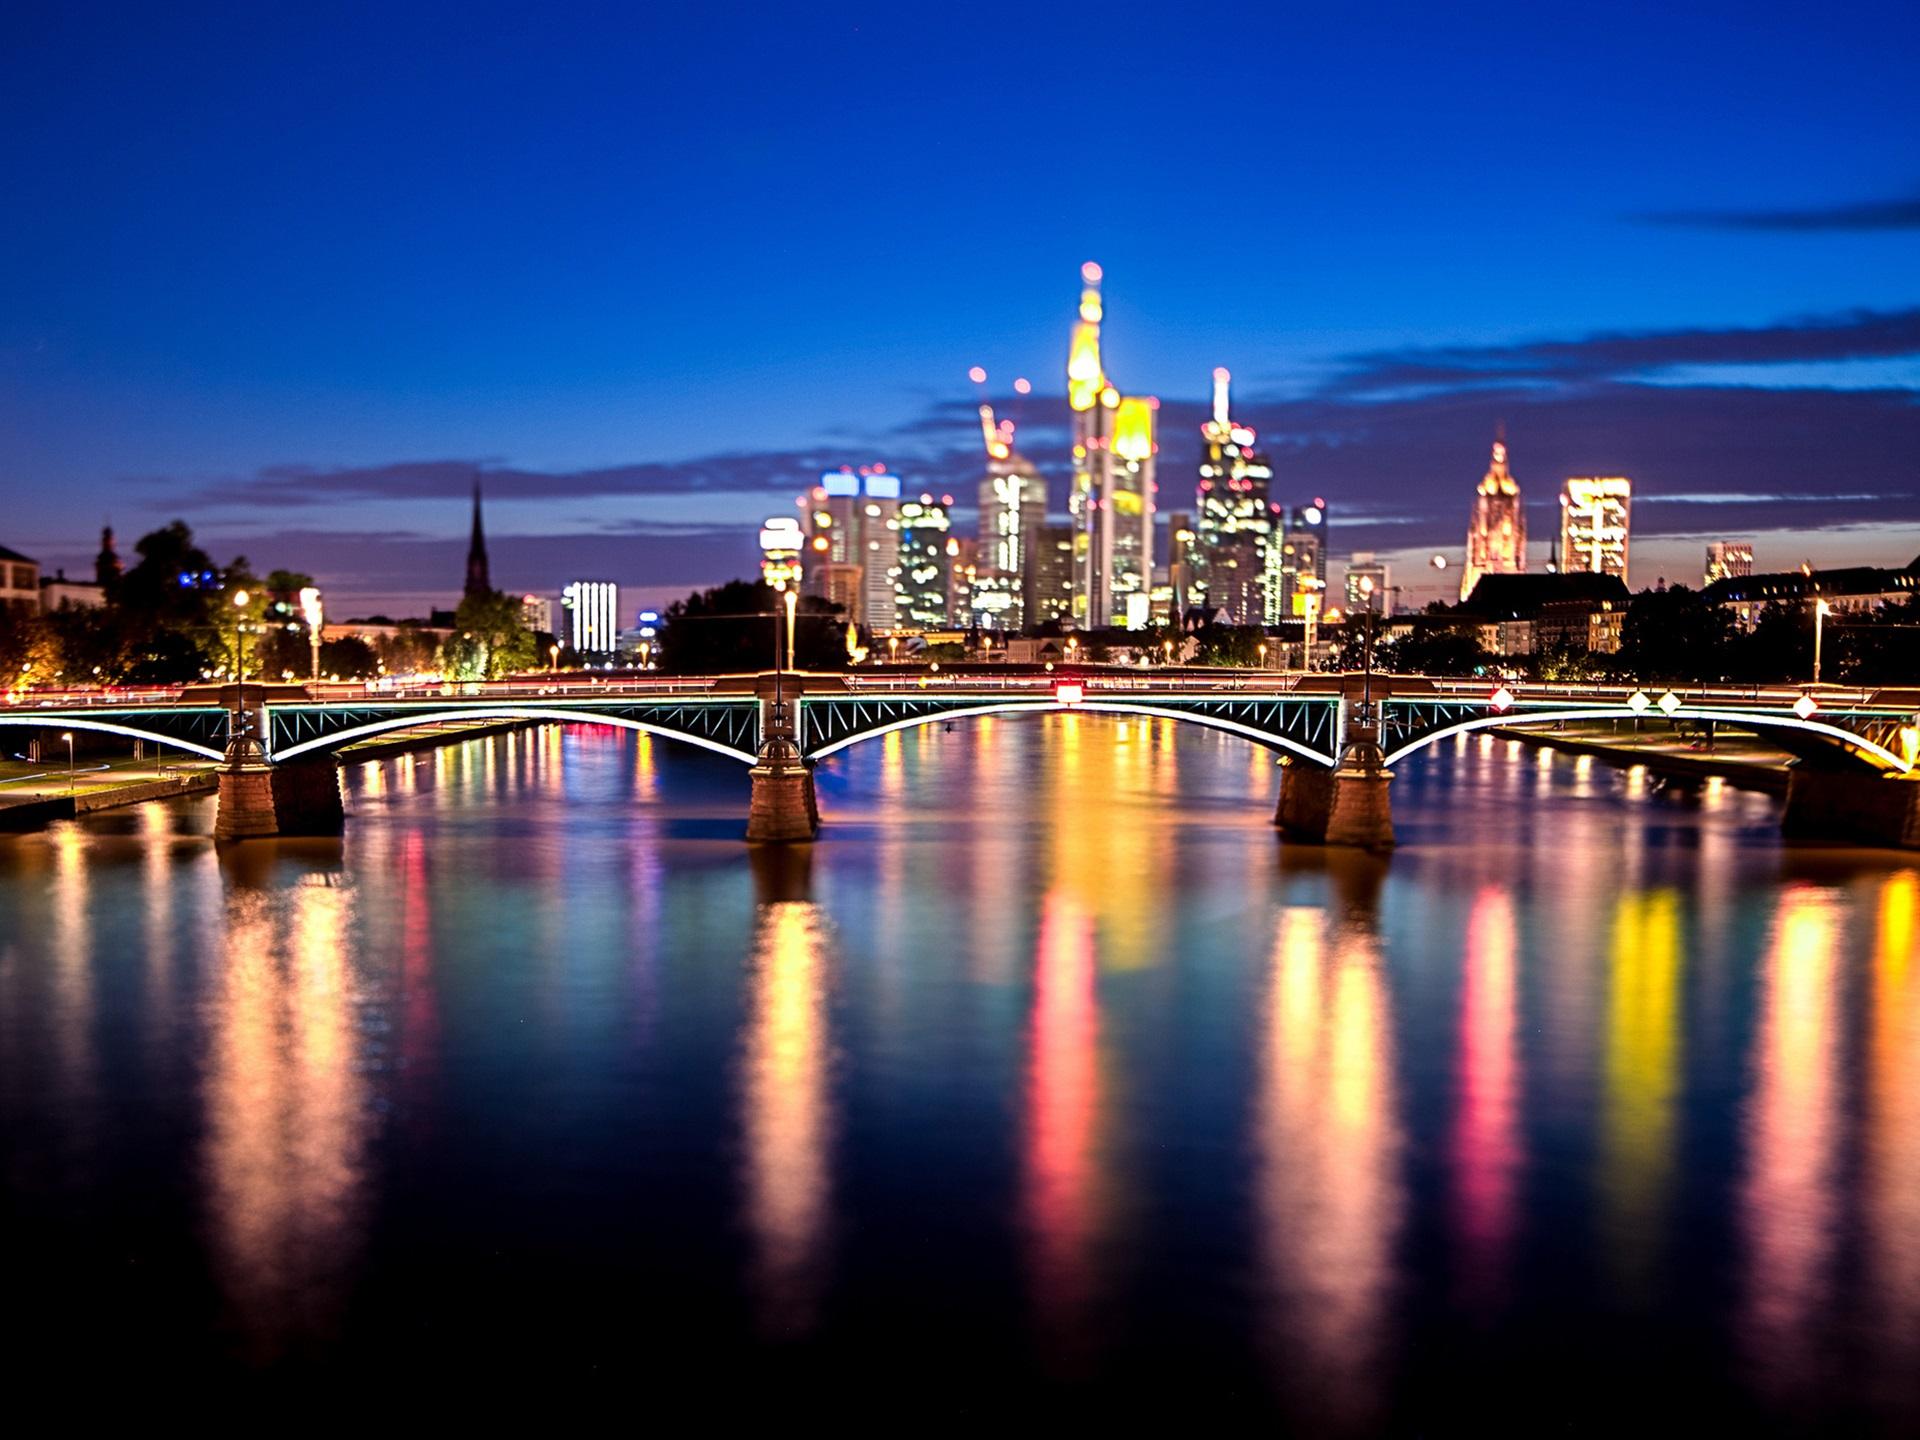 страны архитектура вечер город Франкфурт-на-Майне Германия  № 155529  скачать